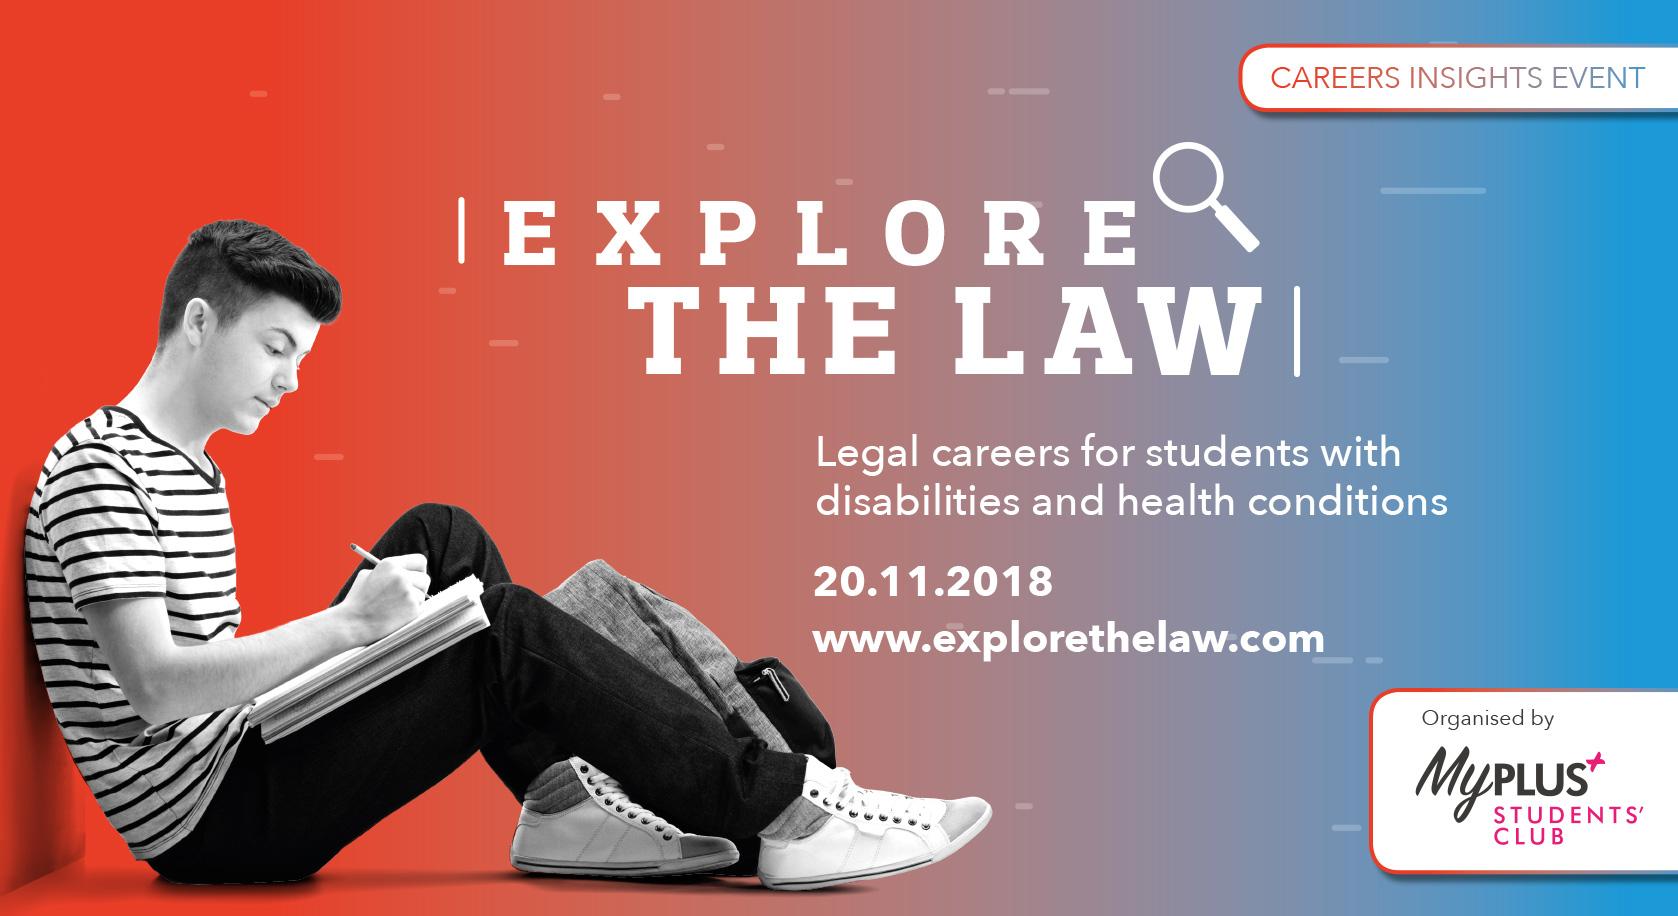 Explore the Law